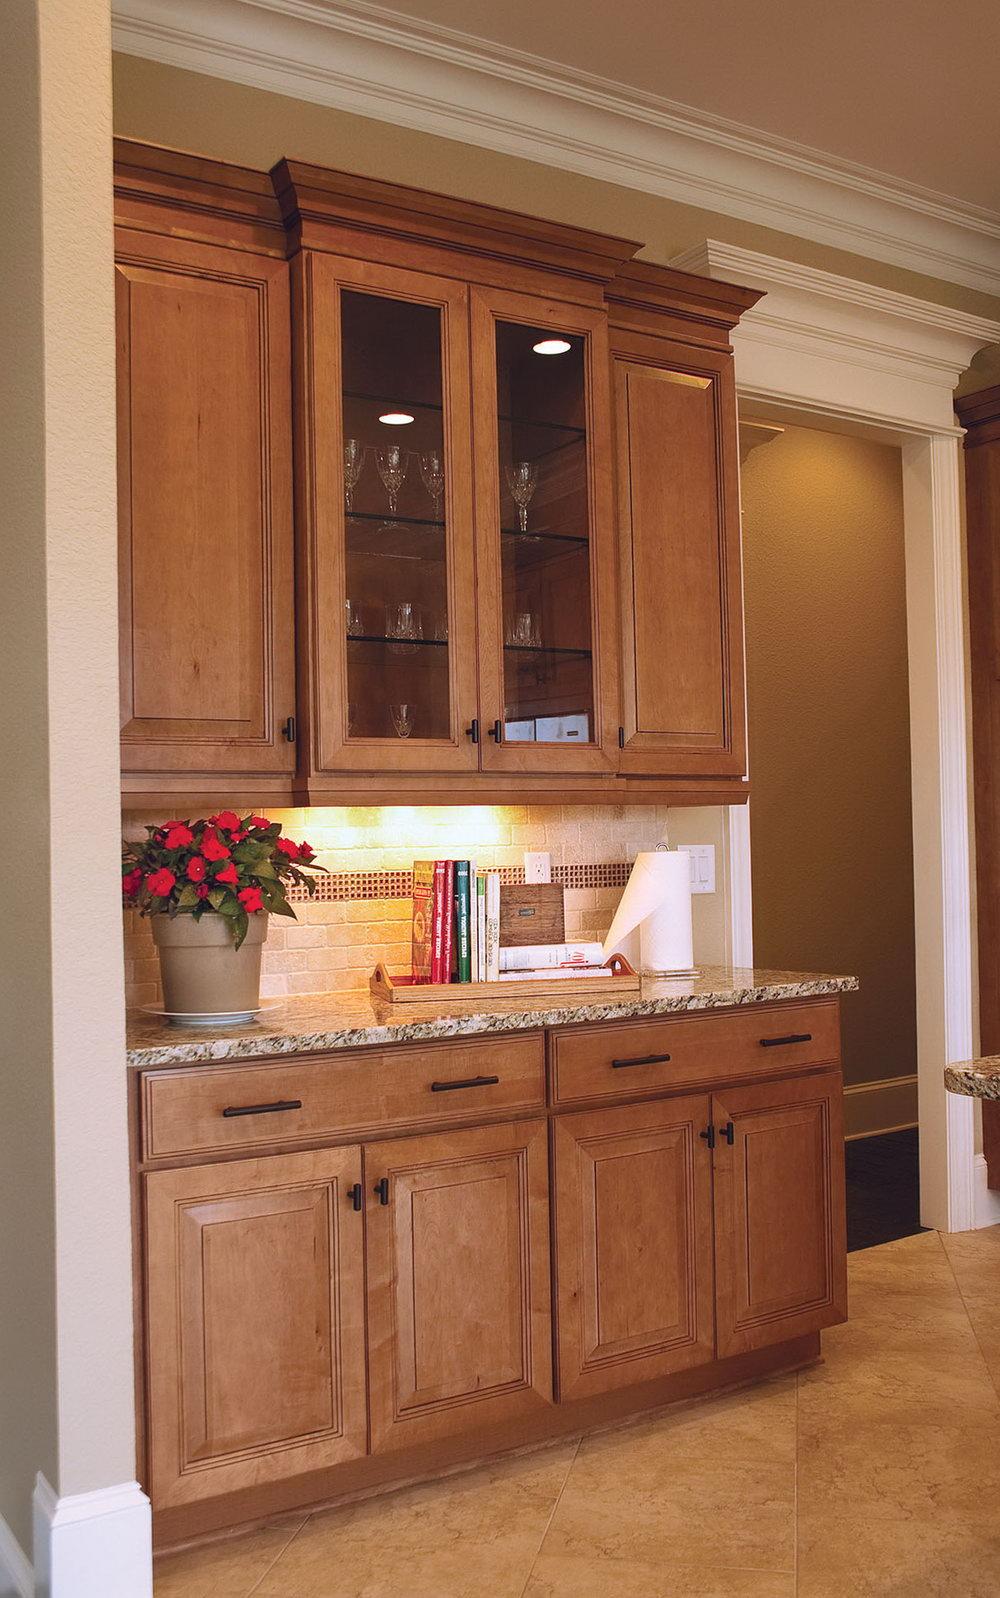 Kitchen Cabinet Installation Checklist